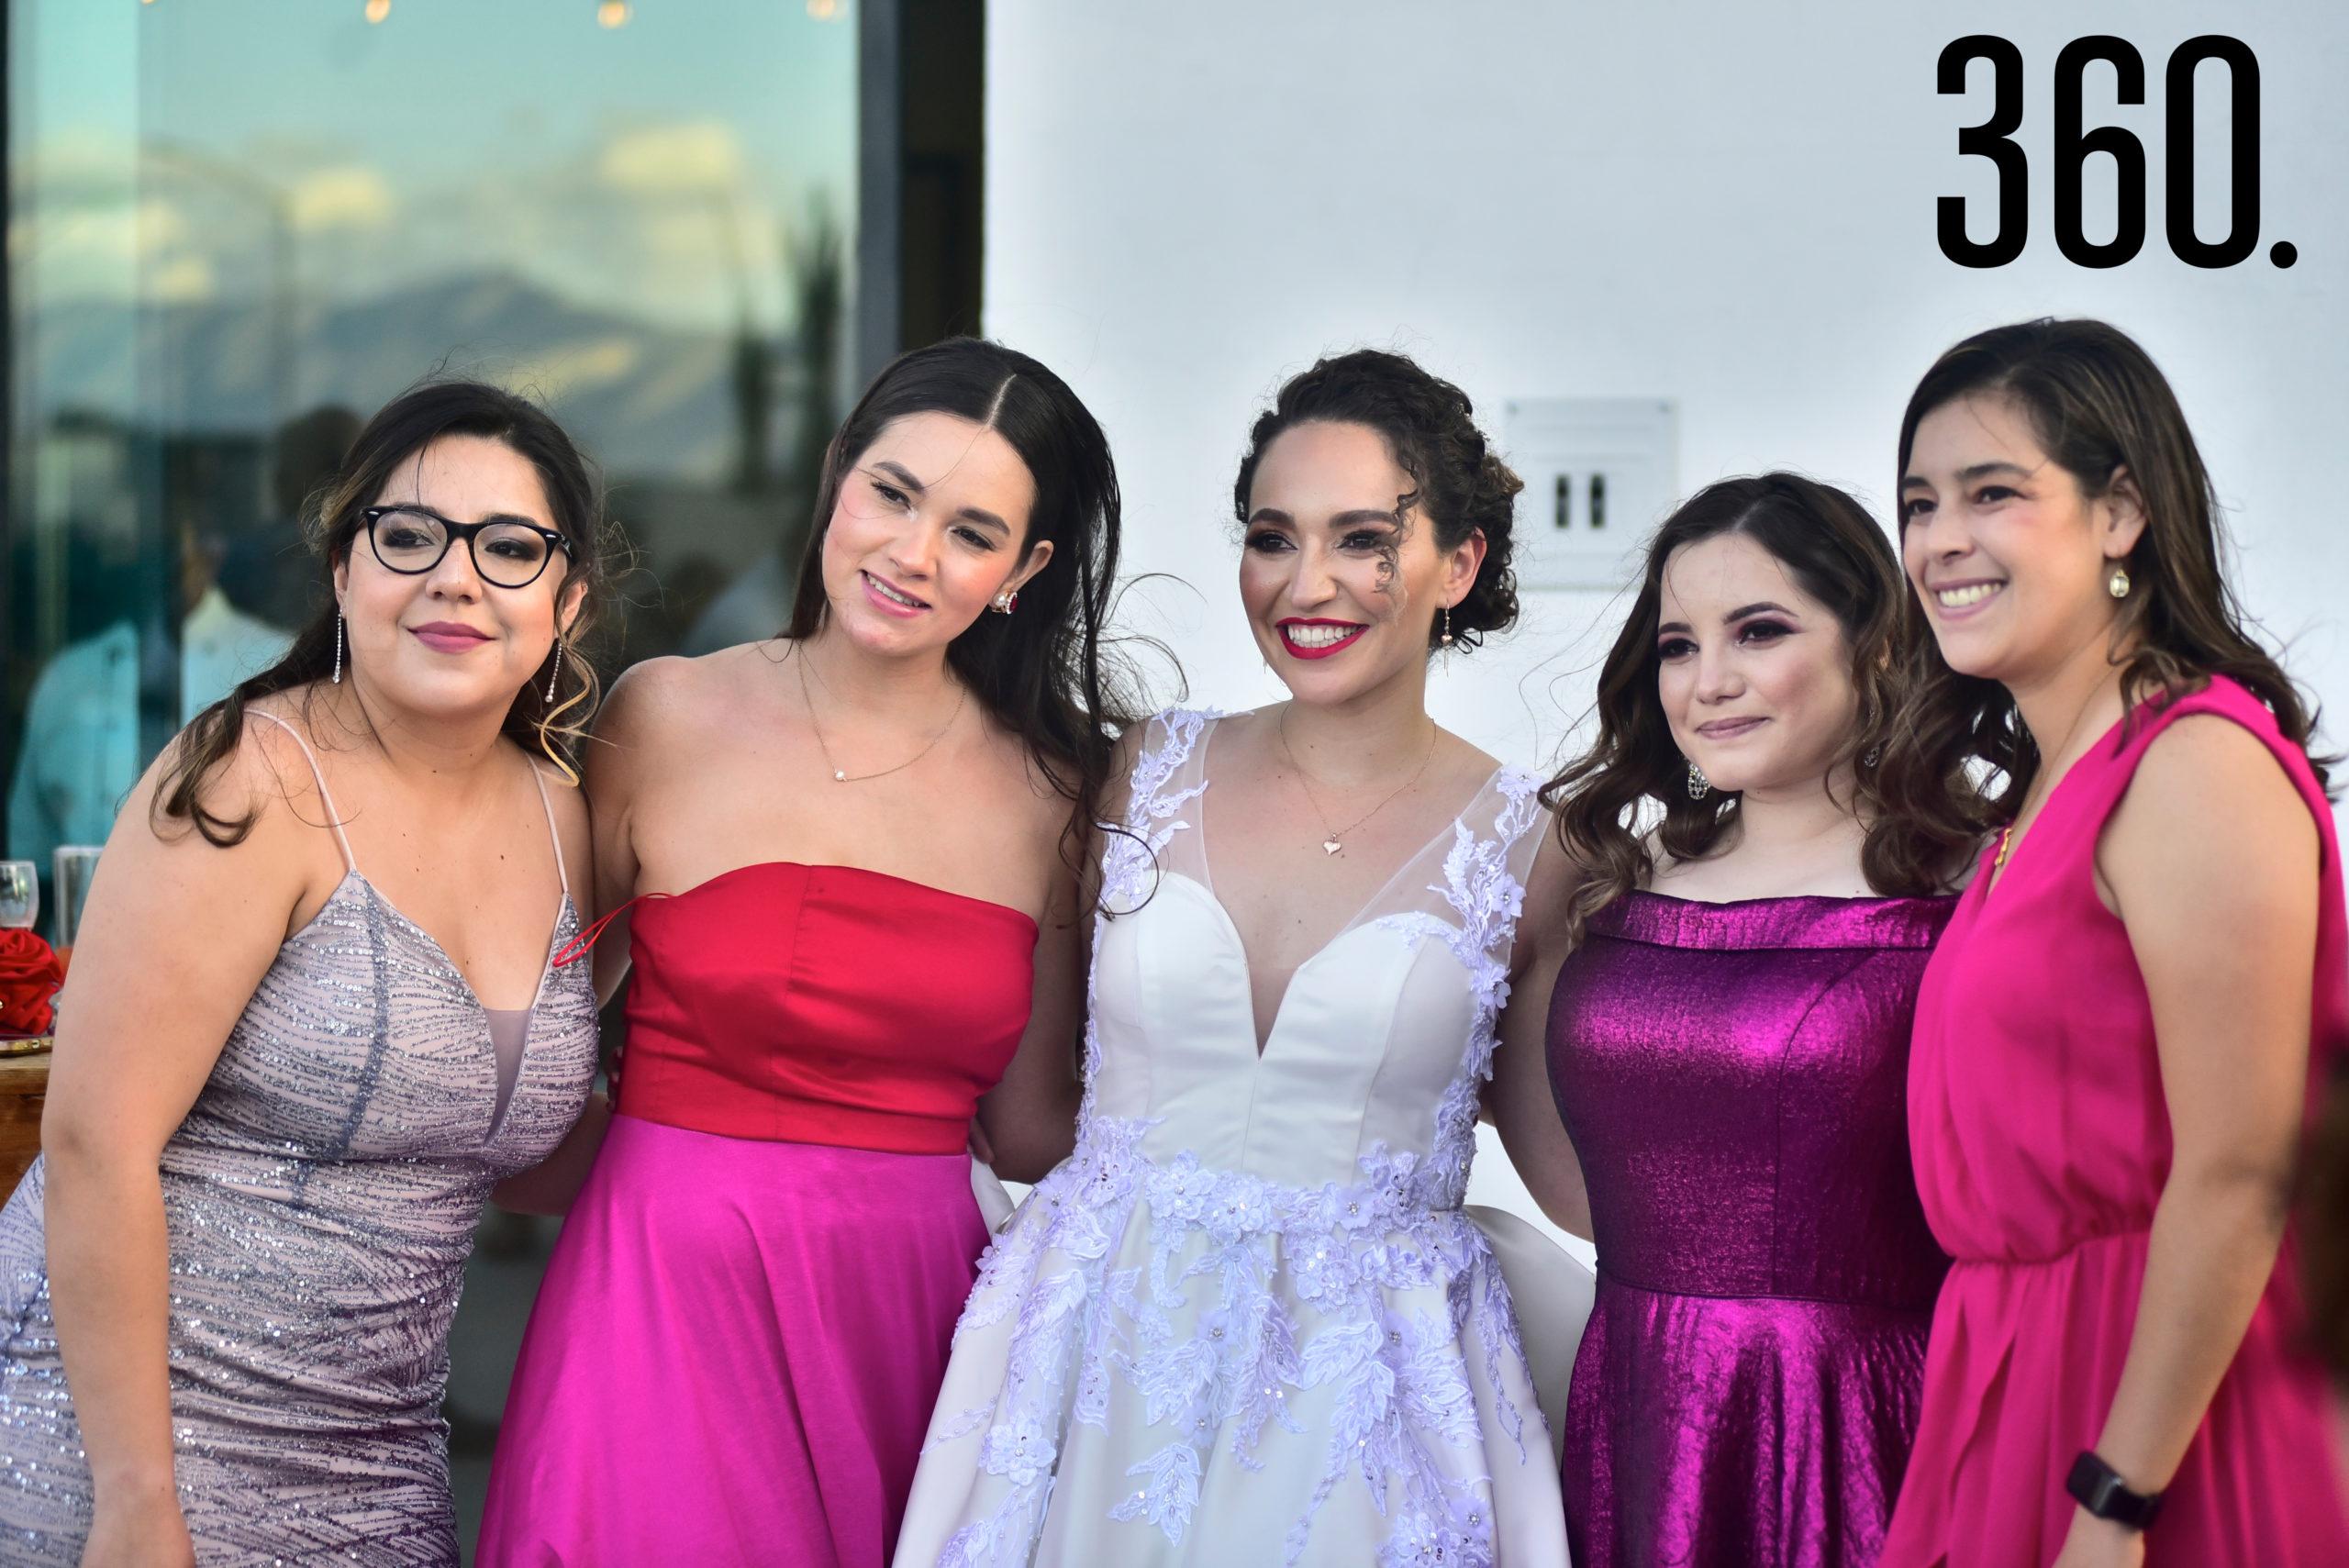 Claudia Hernández, Montserrat Mireles, Ana Cecilia Romero, Beatriz Madrazo y Adriana Ruiz.